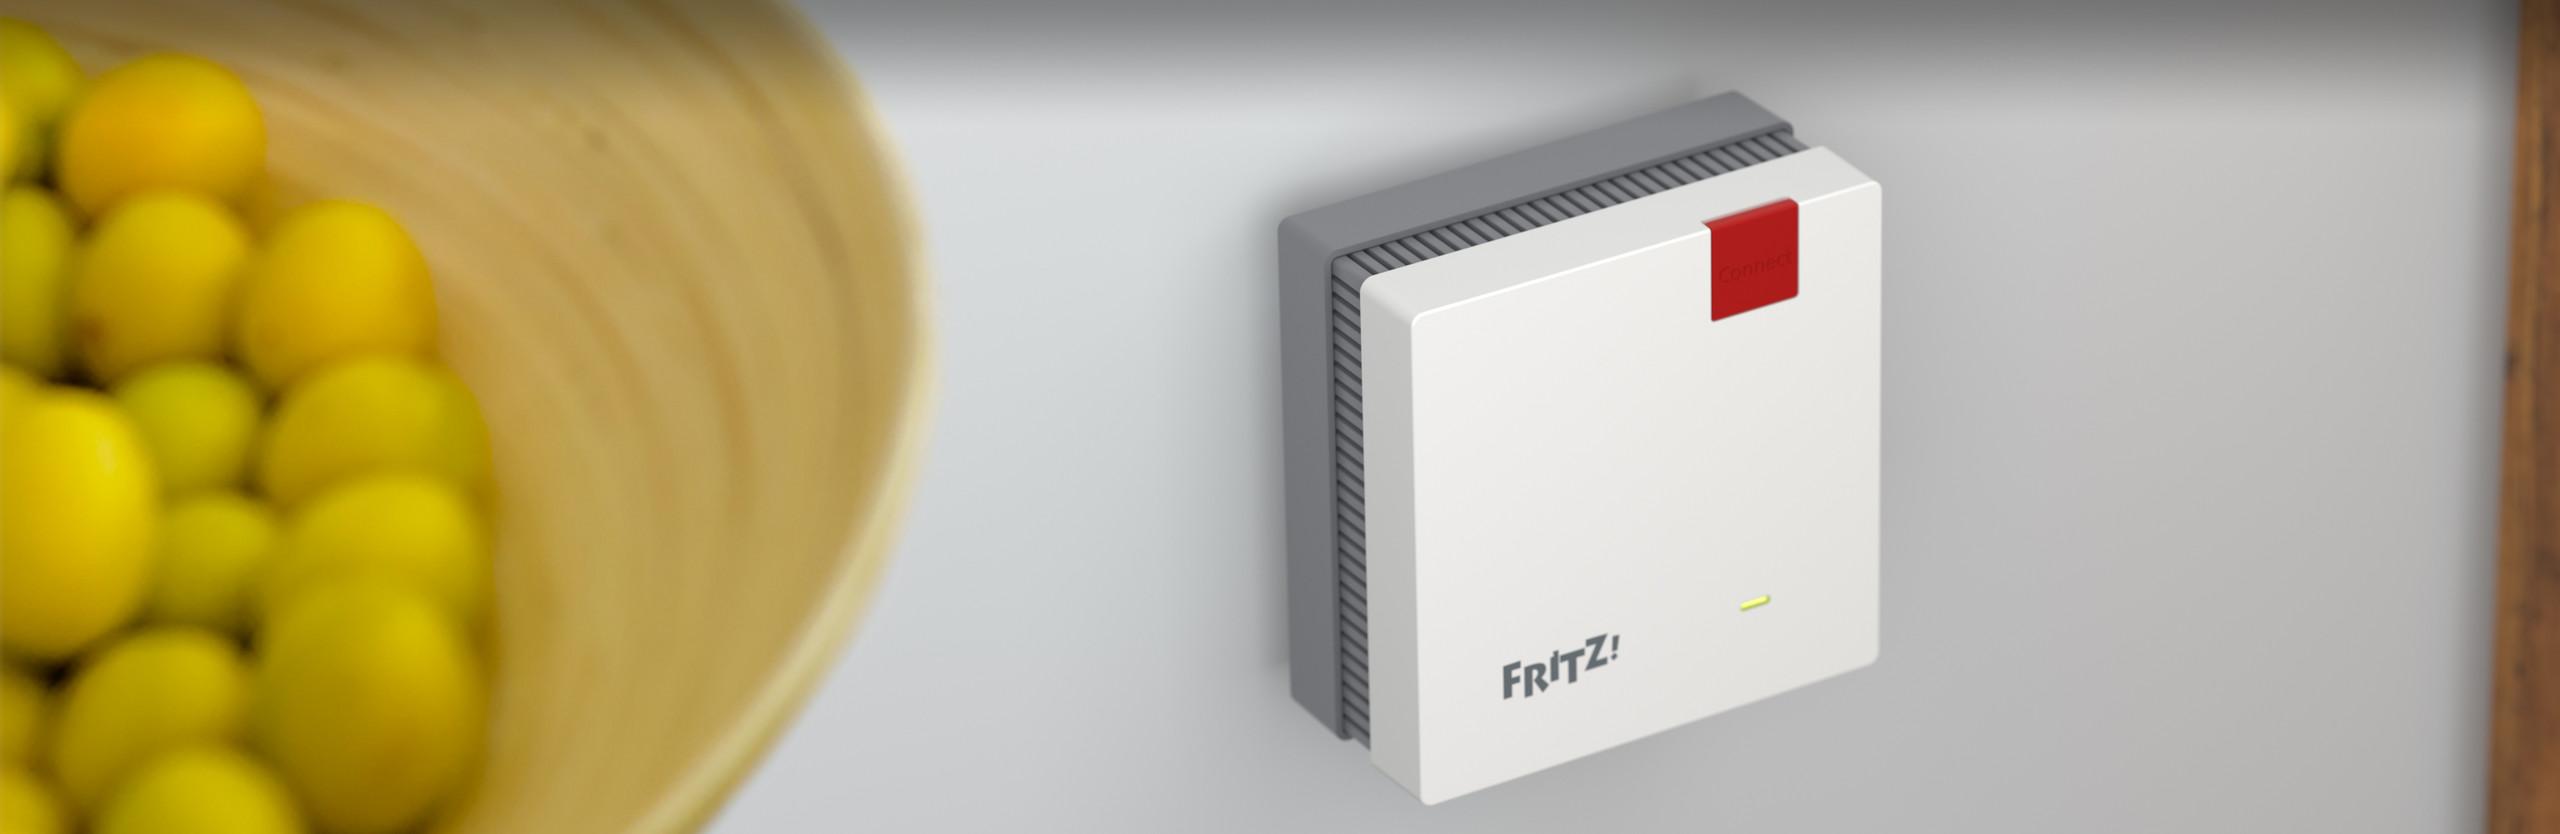 FRITZRepeater 20   Details   AVM Deutschland